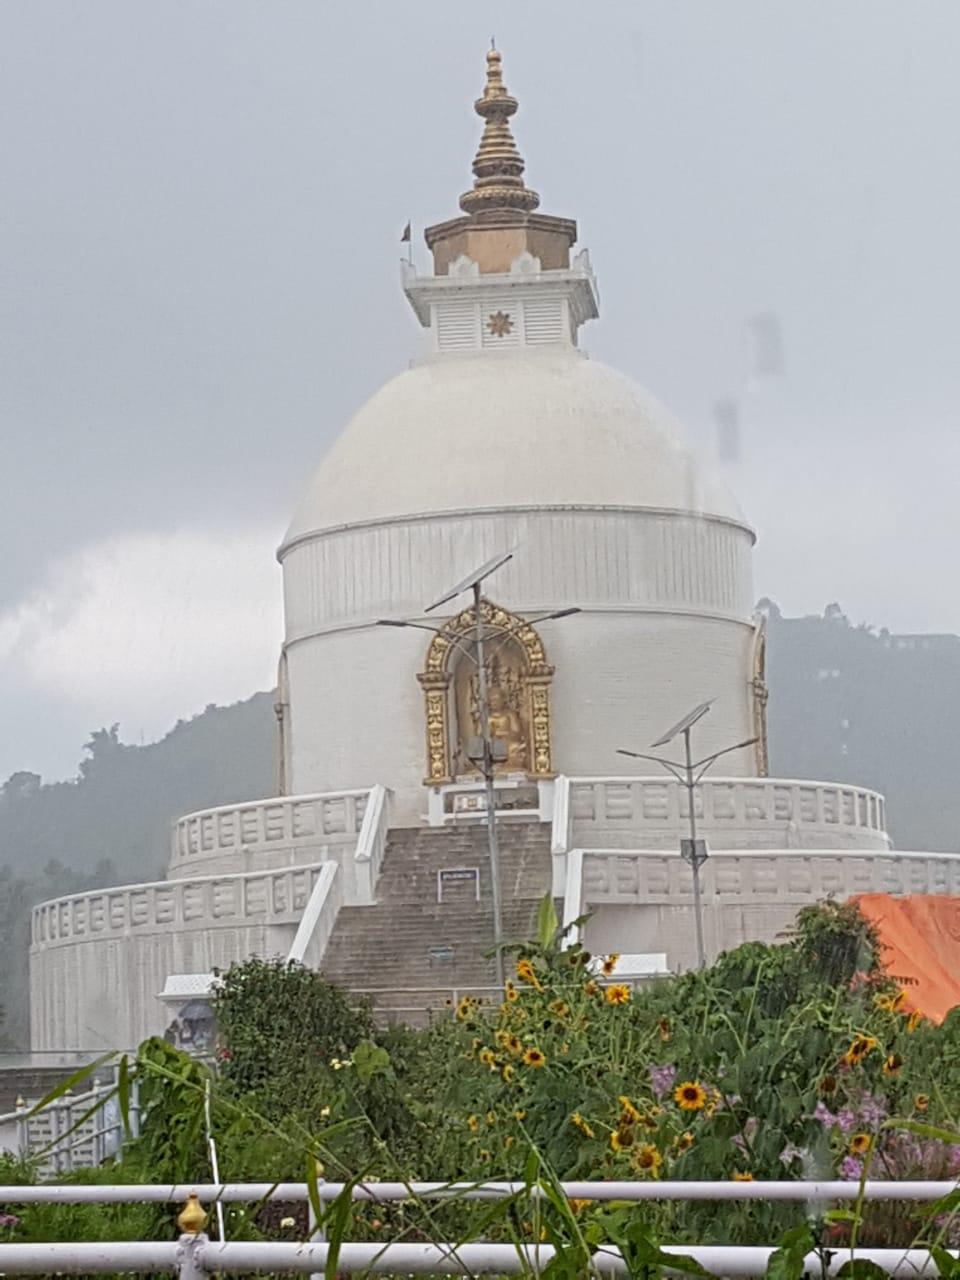 Shanti peace pagoda